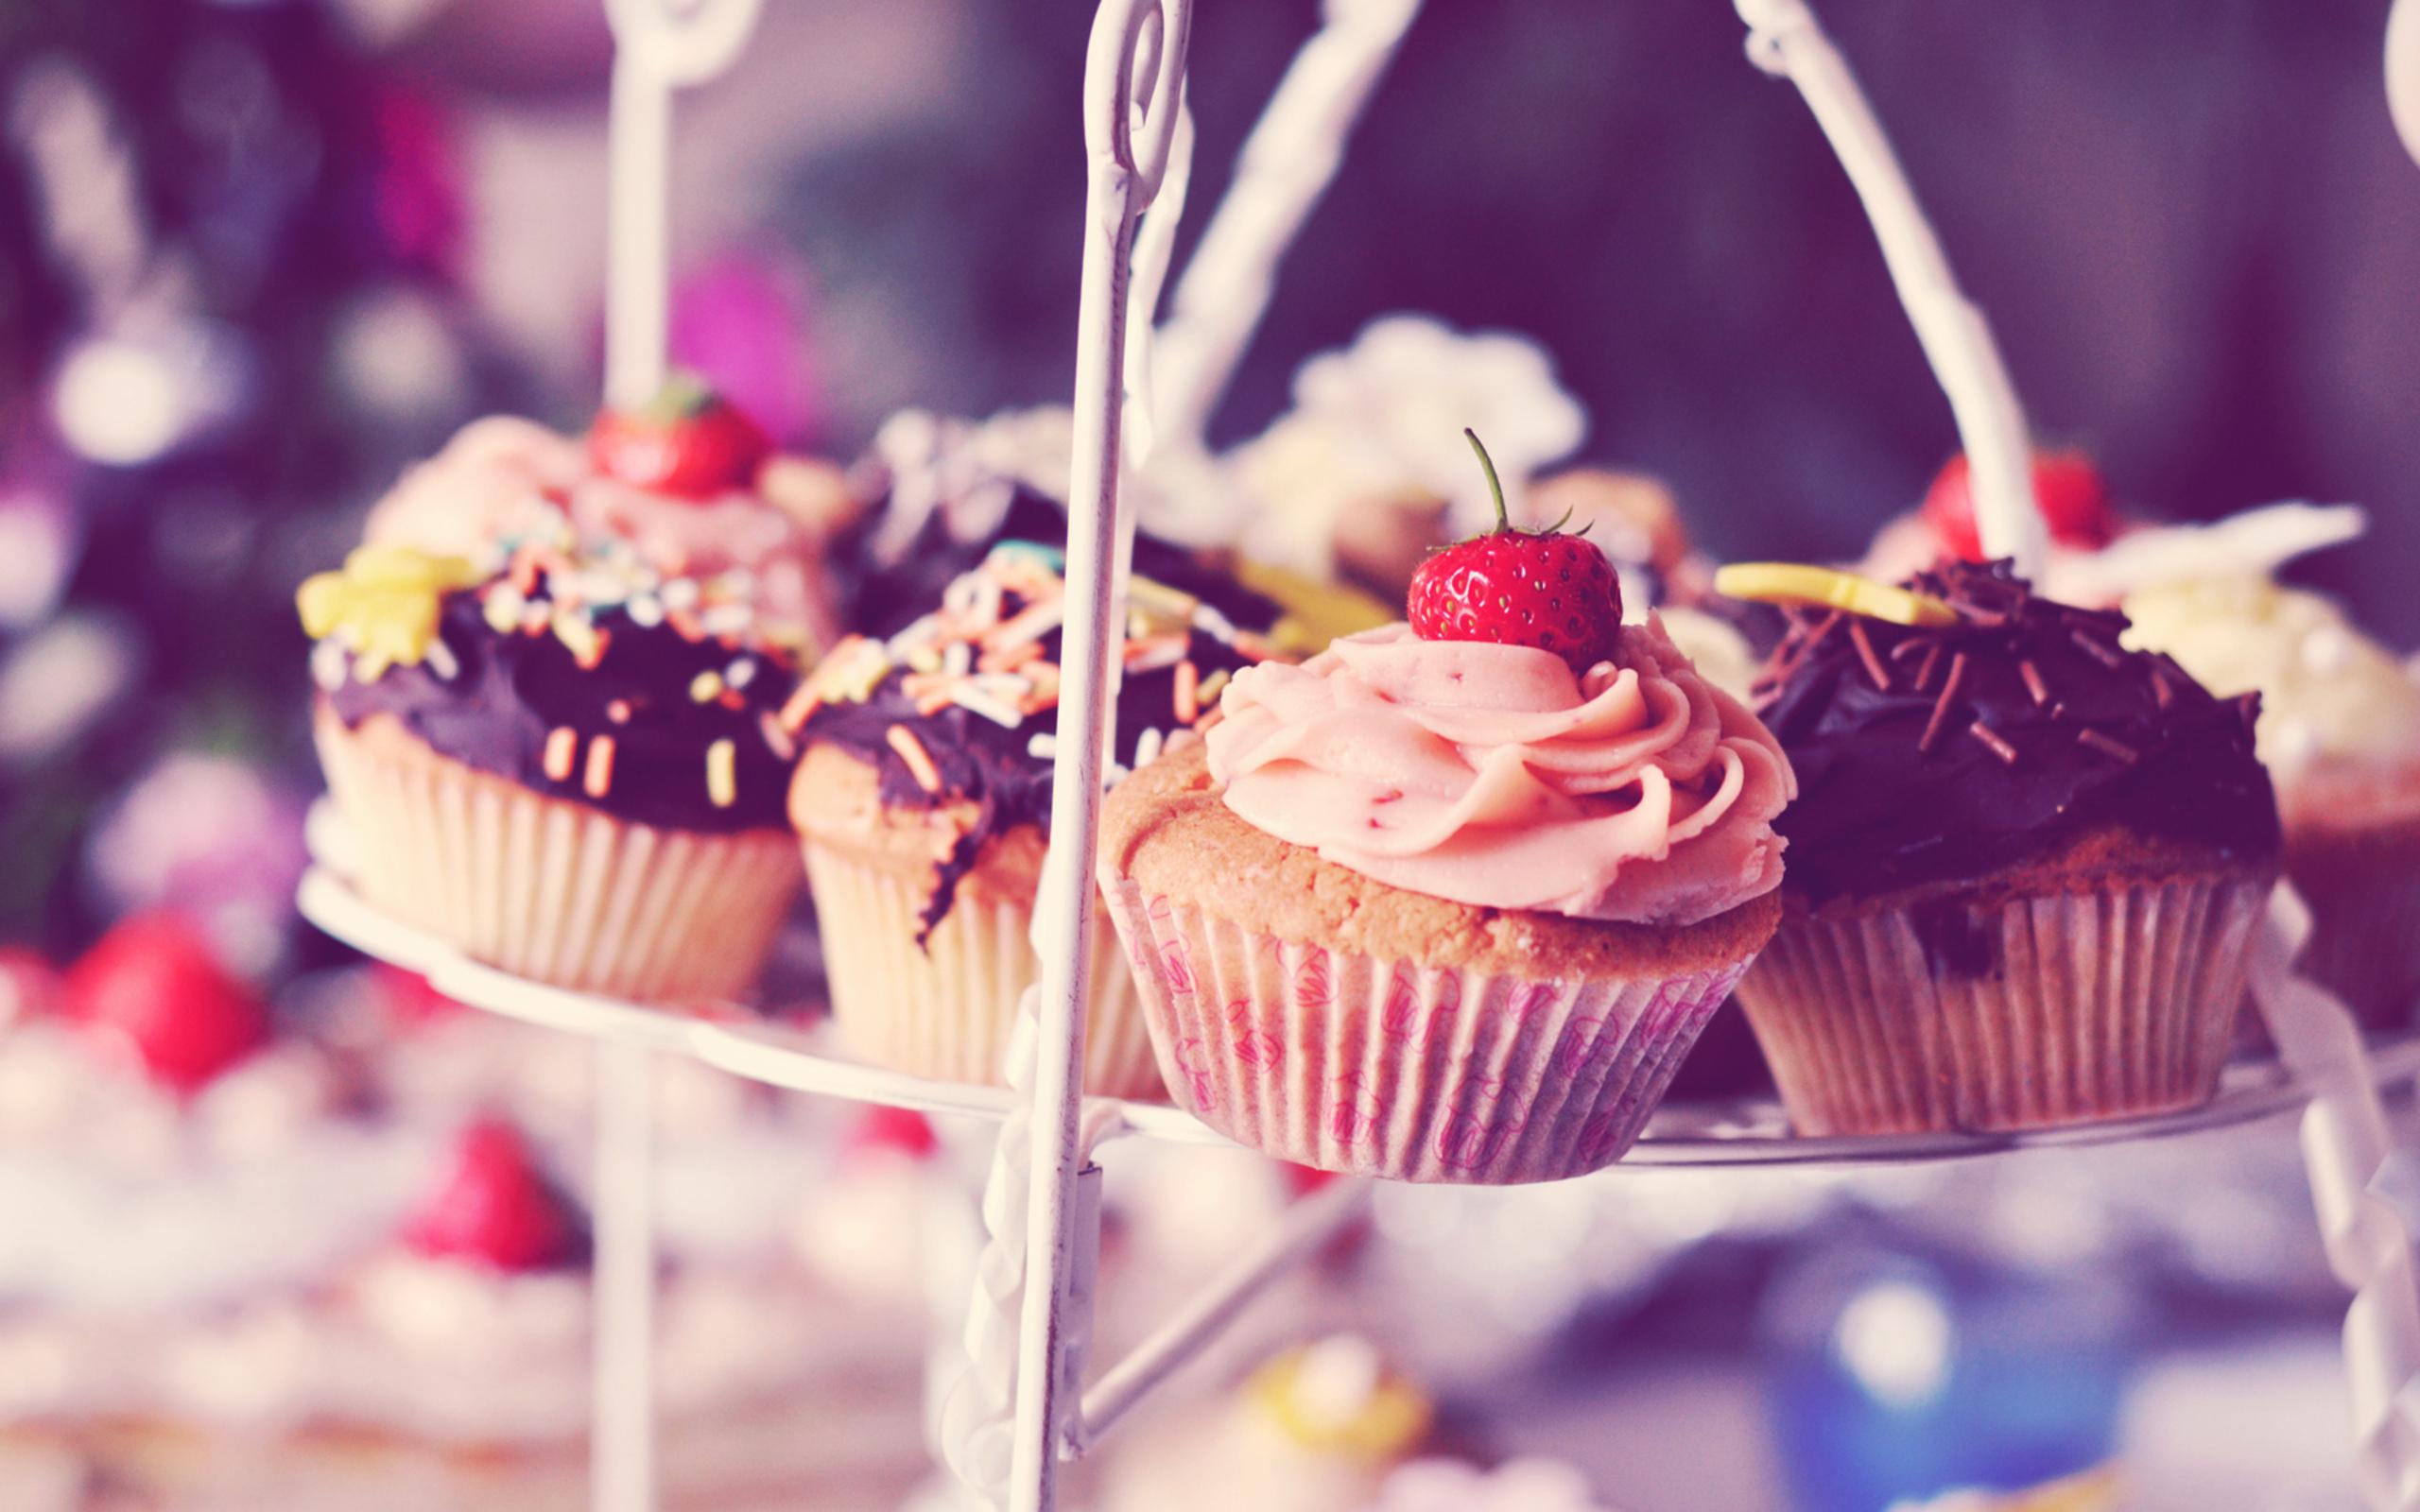 cute cupcake wallpaper 36350